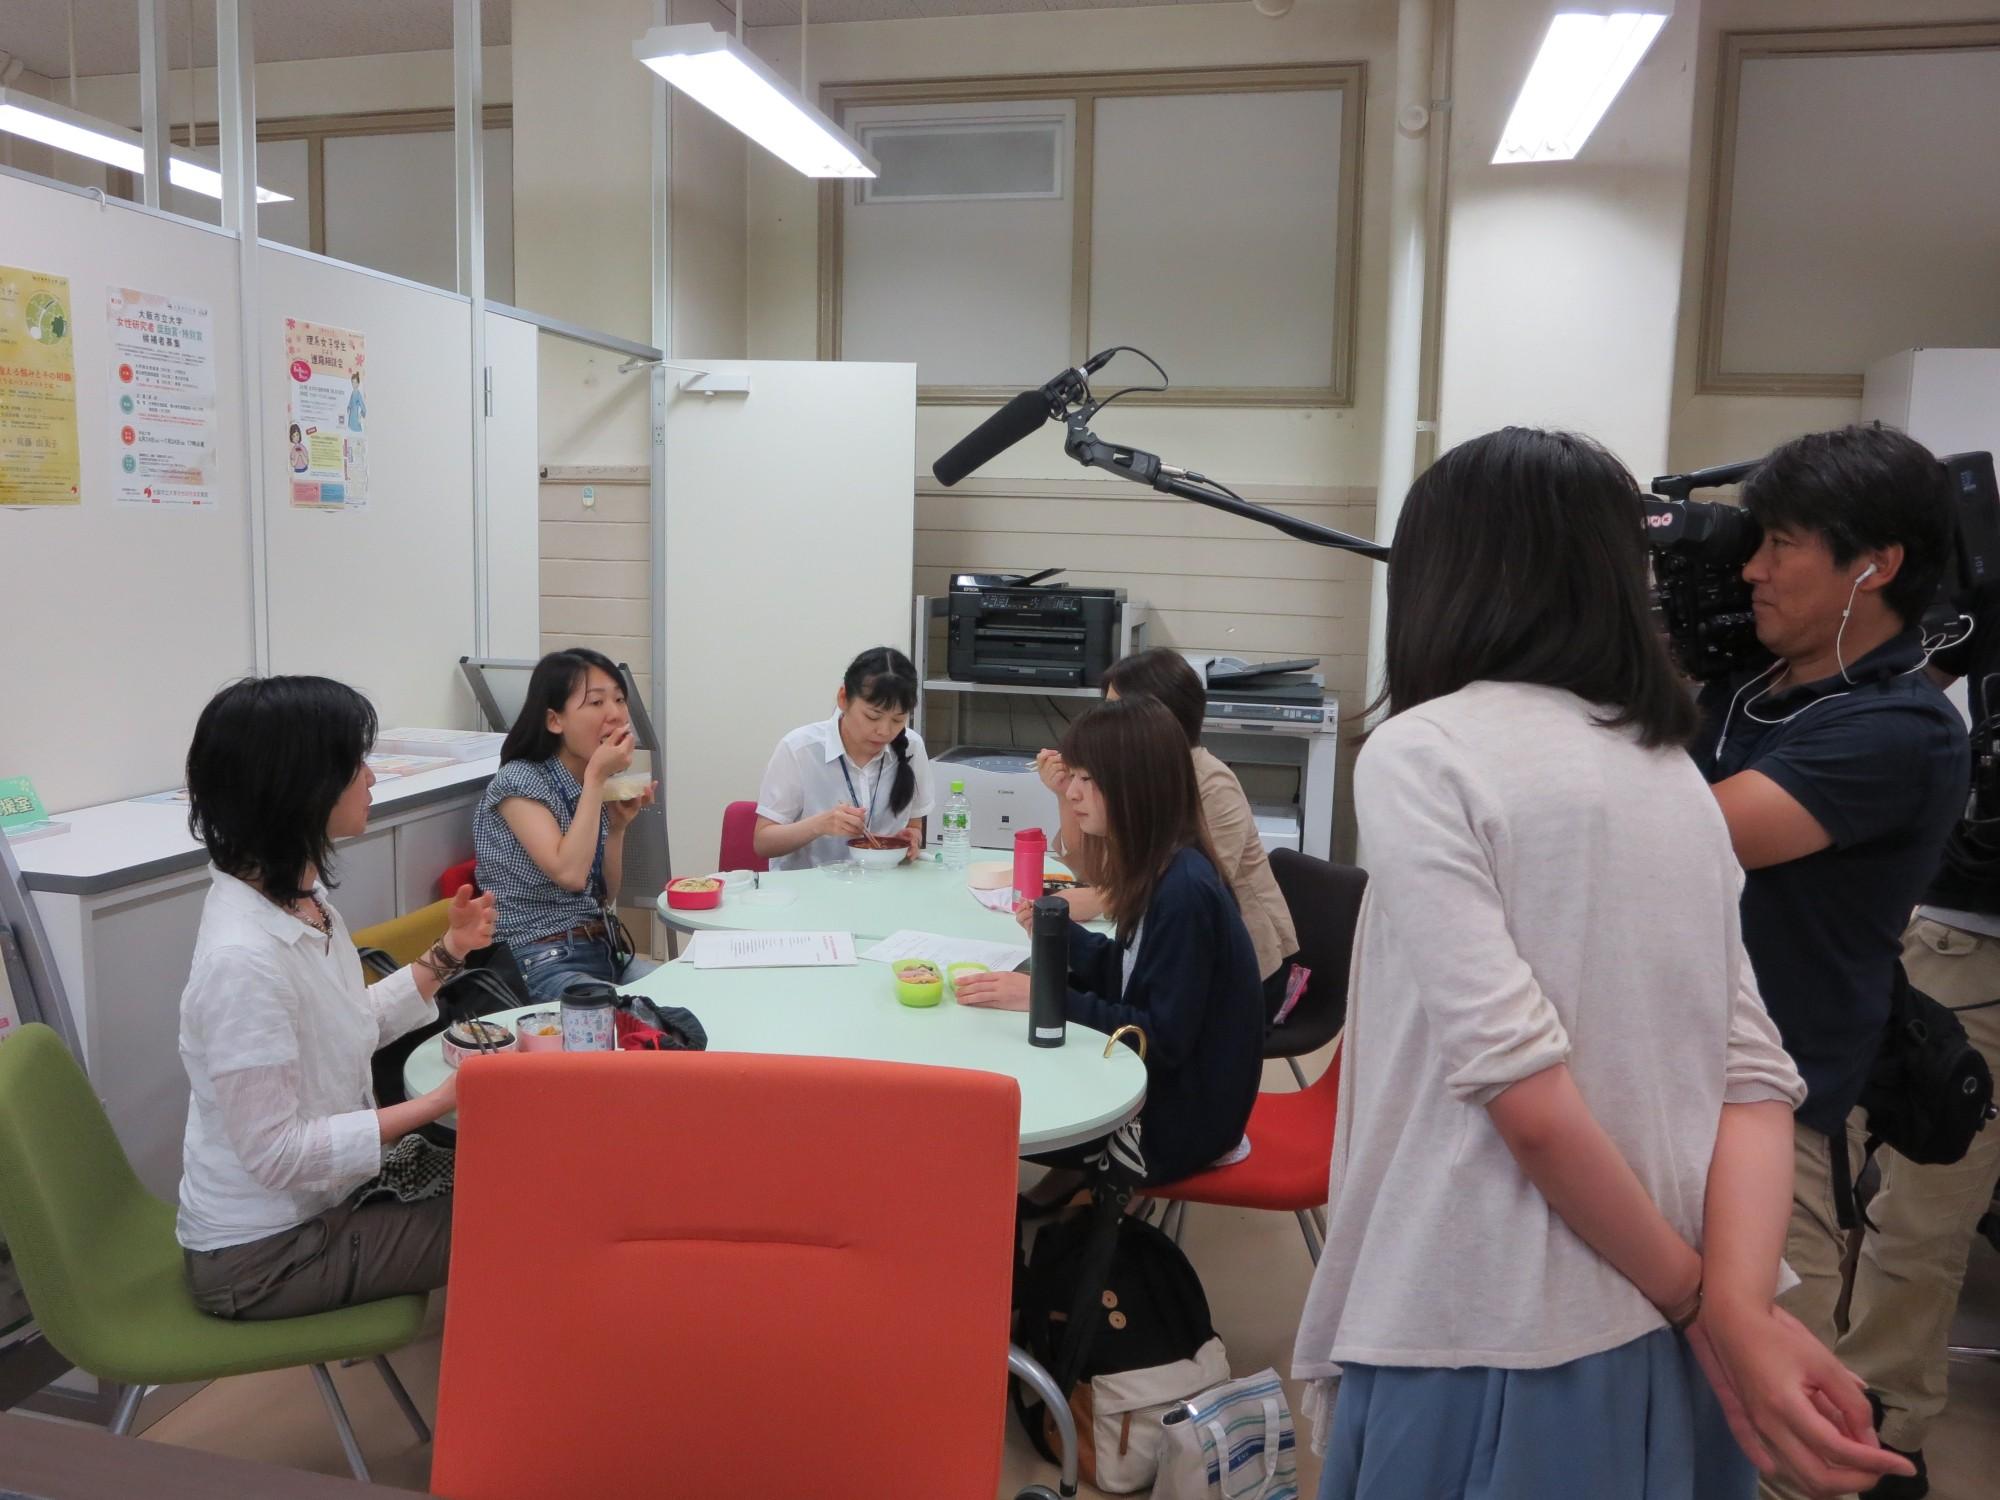 女性研究者支援室での取材風景(ランチミーティングの様子)